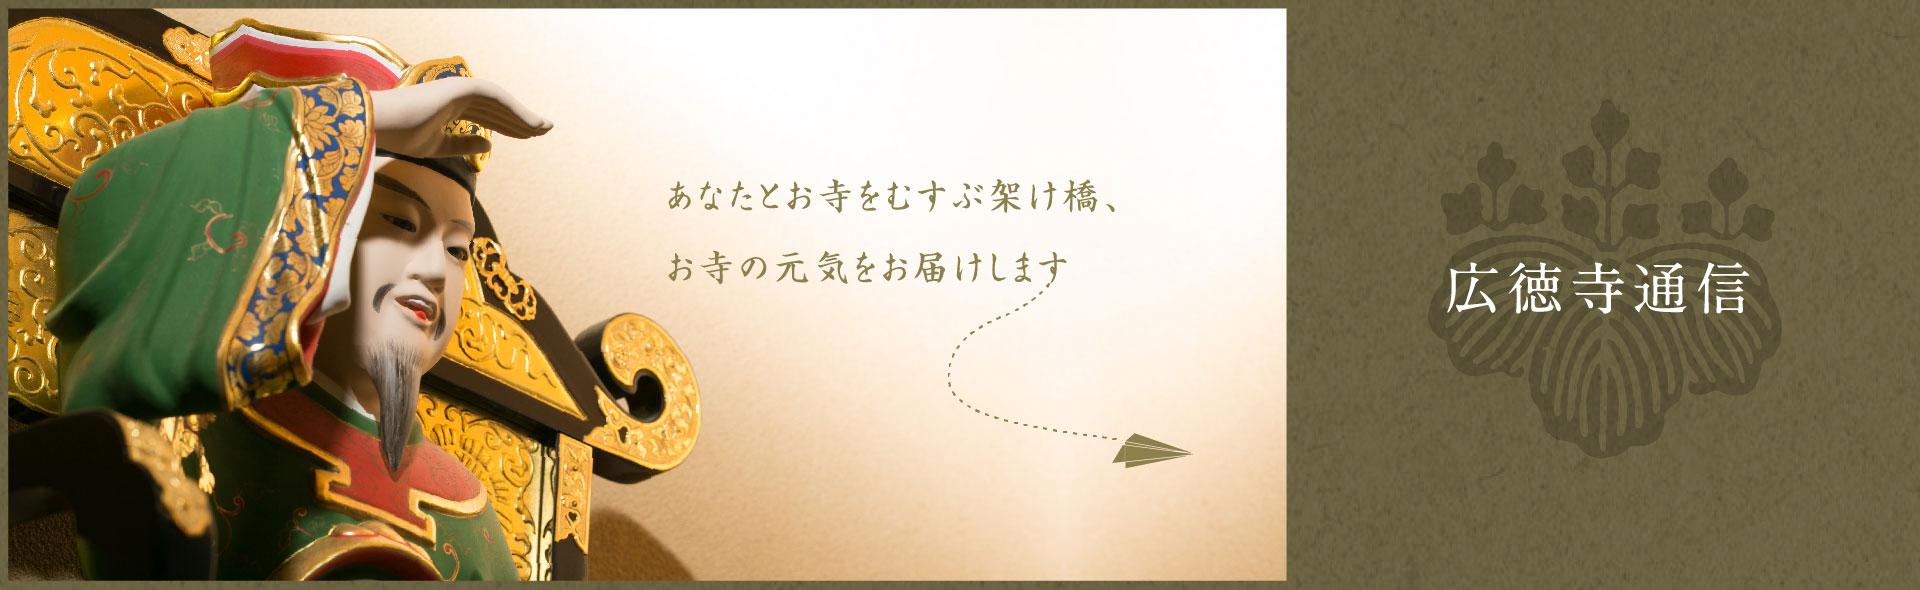 広徳寺通信